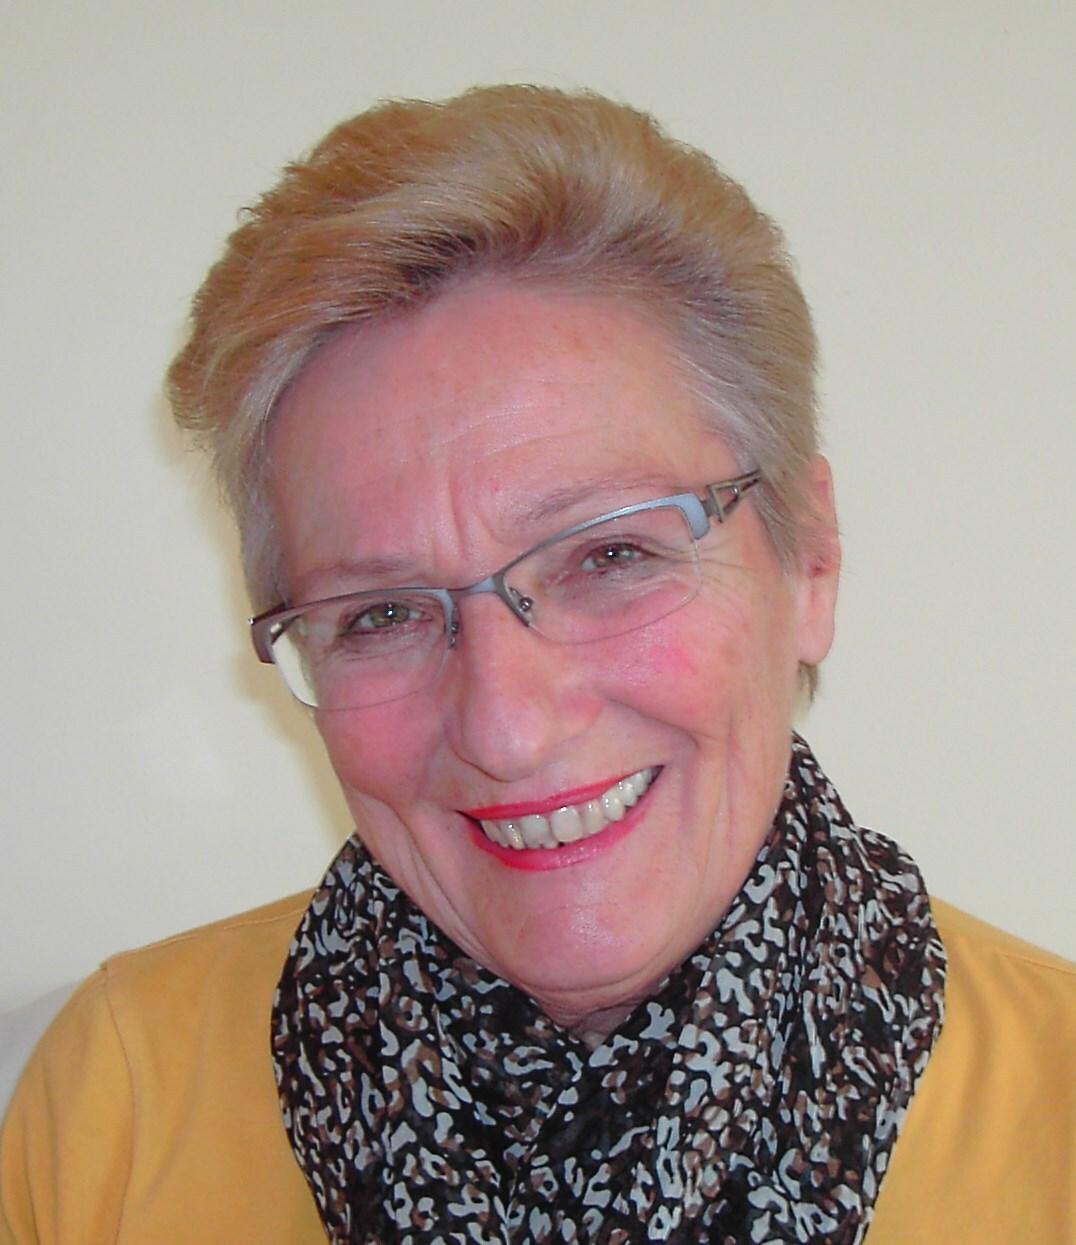 Elfriede from Walchsee